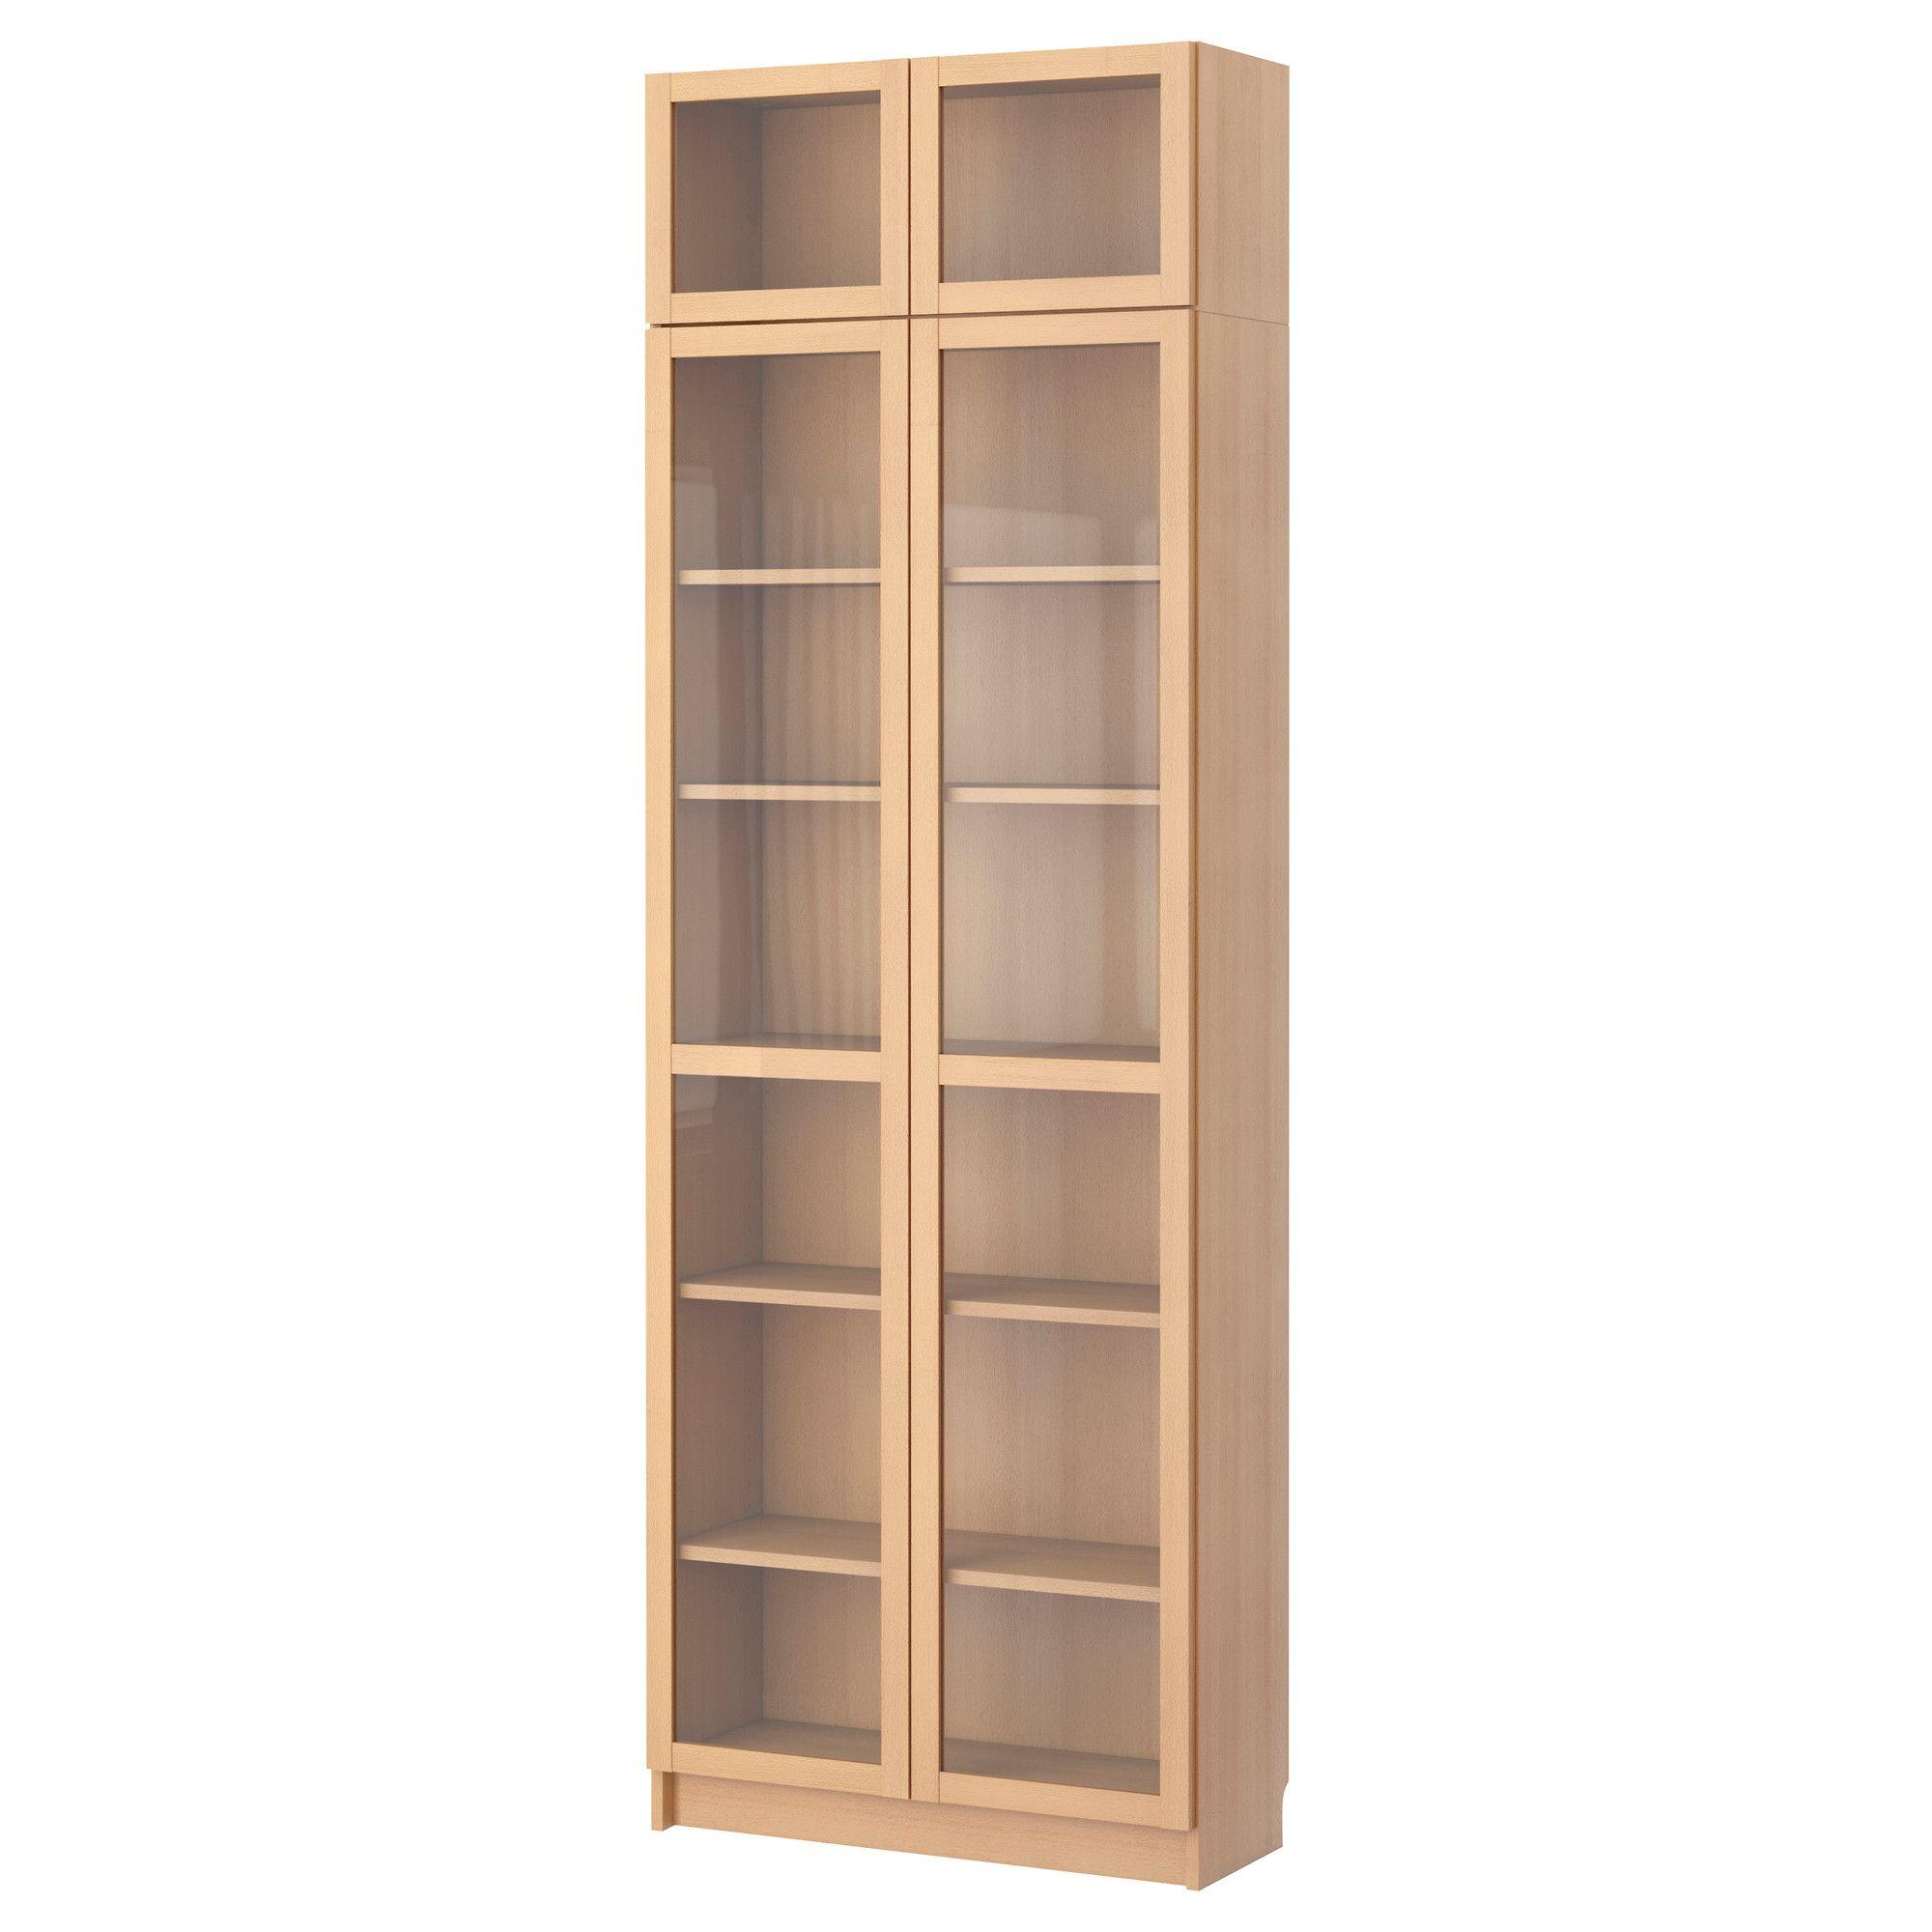 Billy estanter a con puerta de vidrio chapa haya ikea for Ikea estanteria billy con puertas